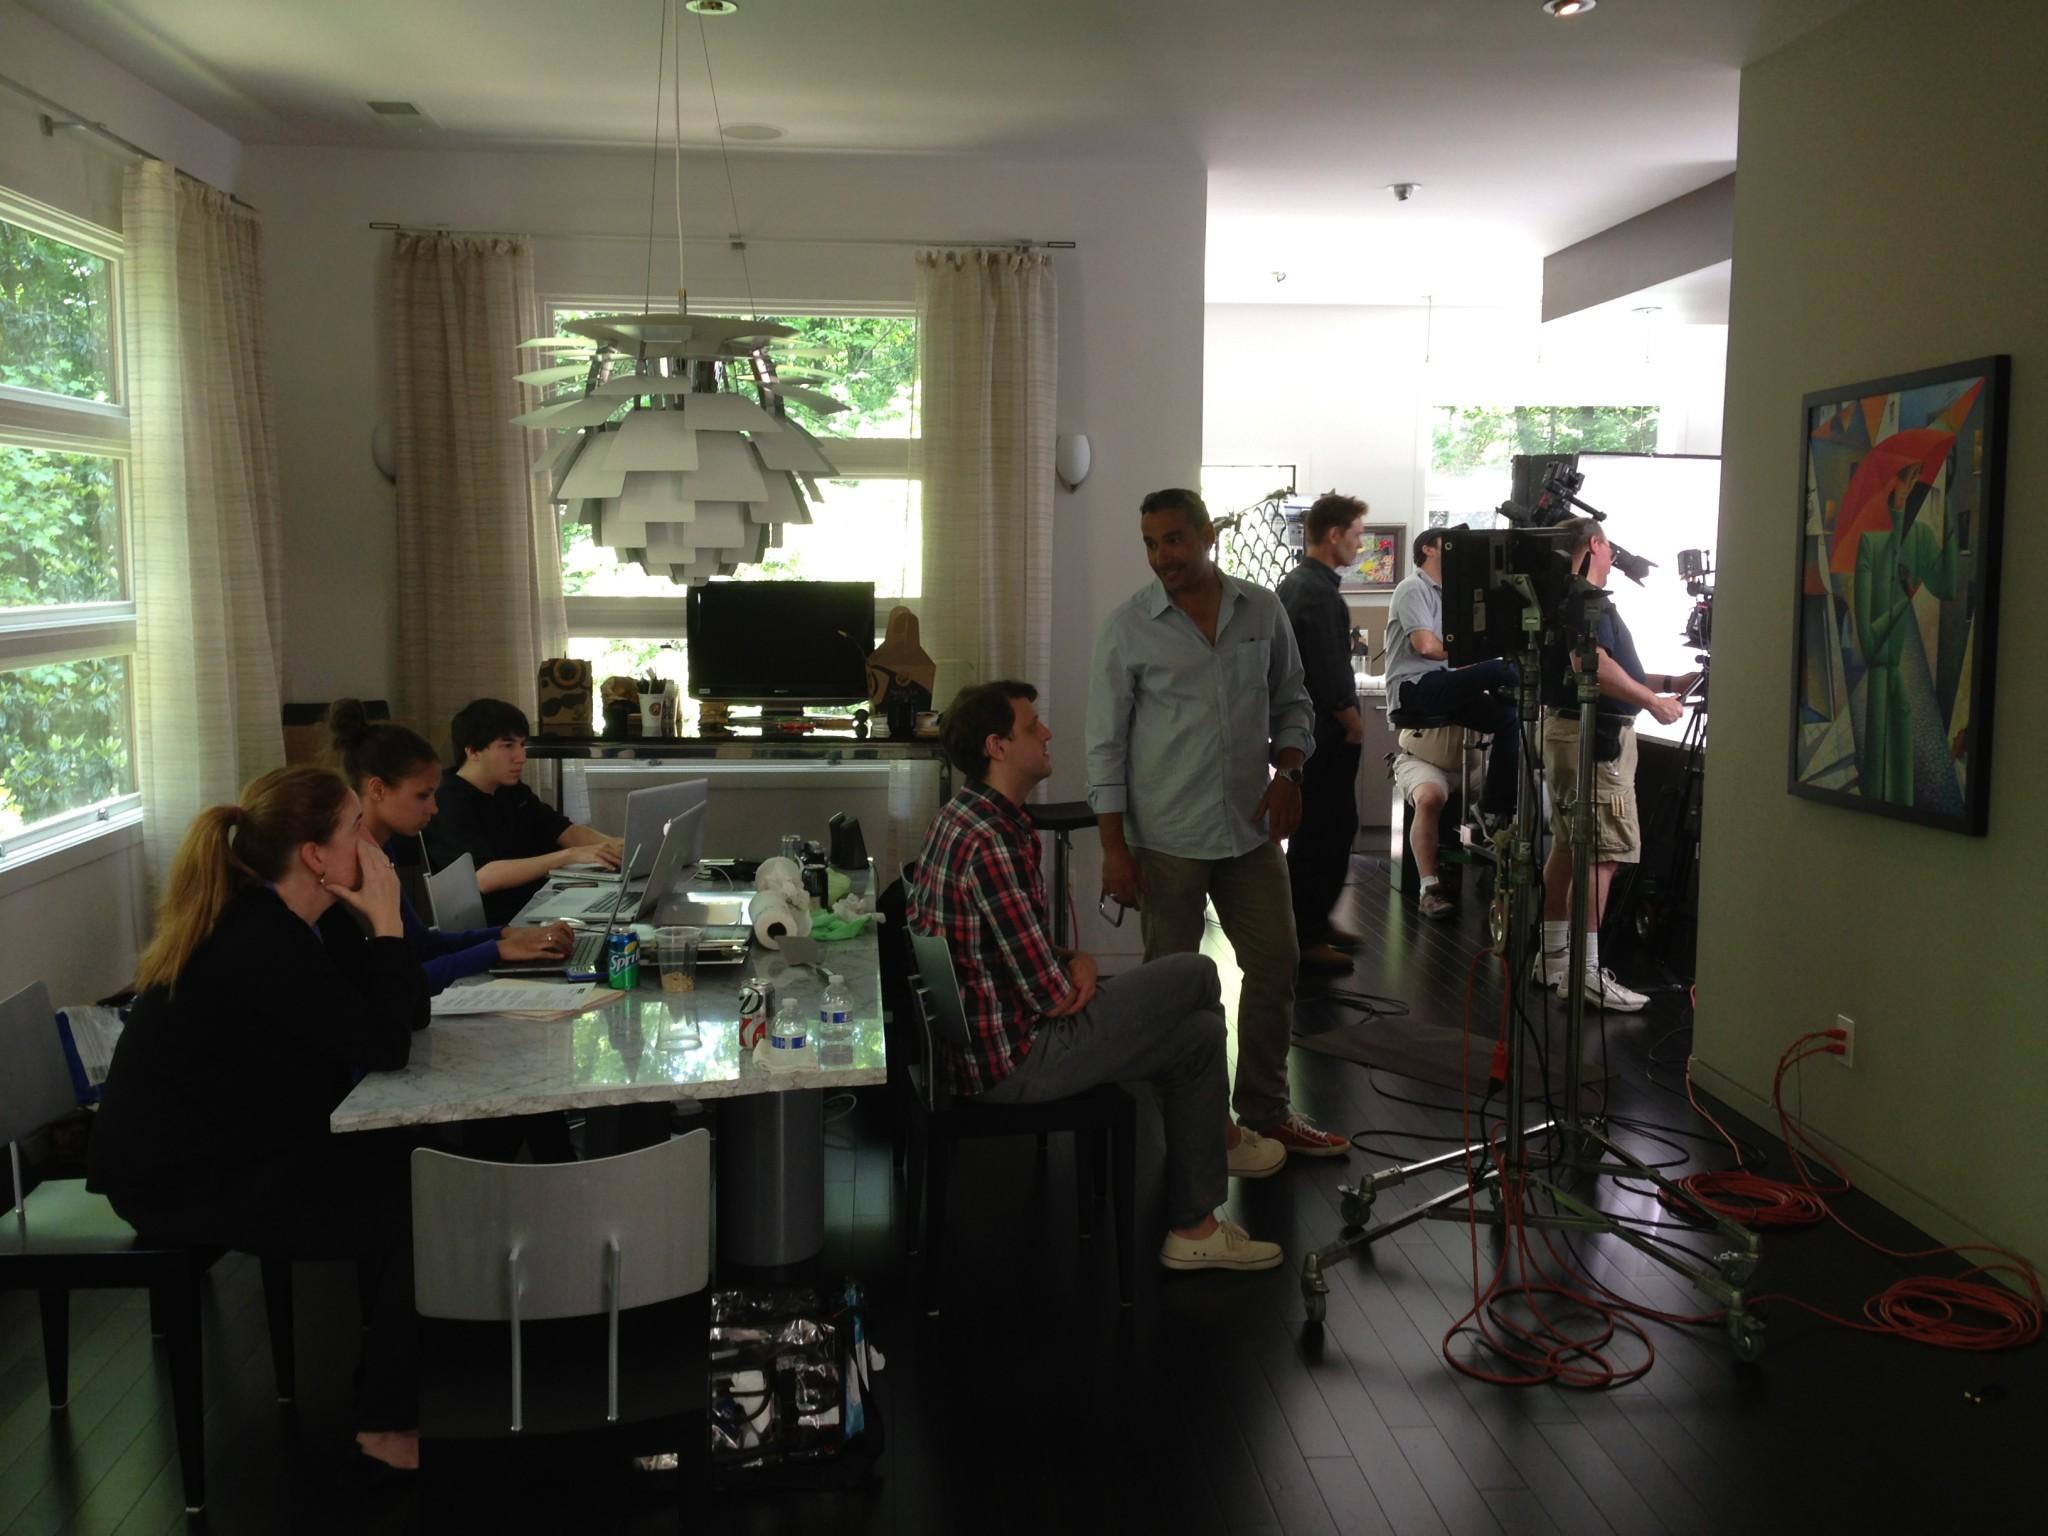 Calphalon Promo Video Shoot